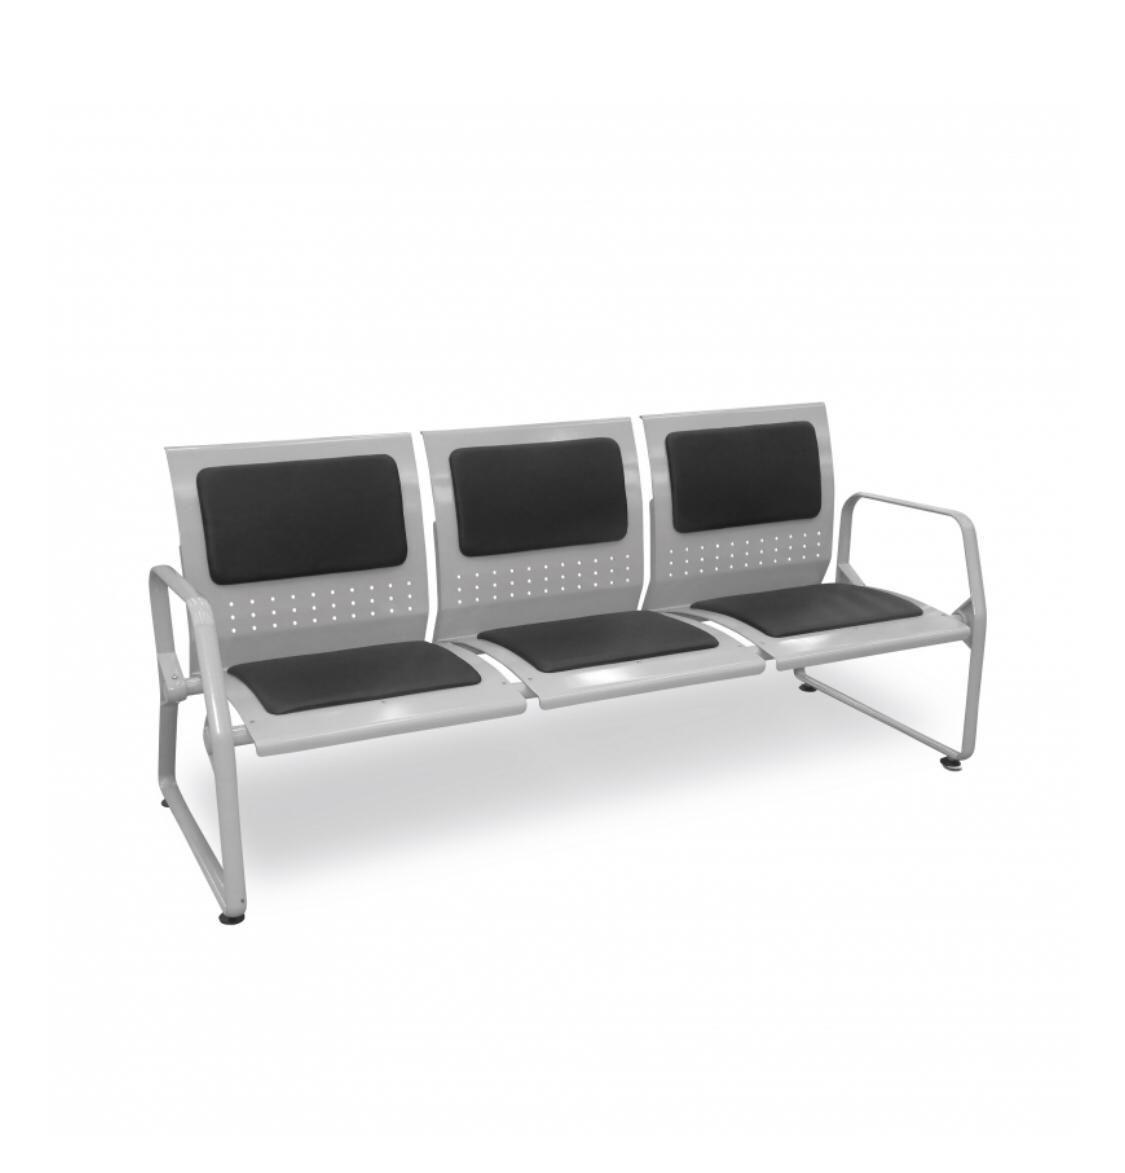 Cadeira Longarina Loop Frisokar COD 108